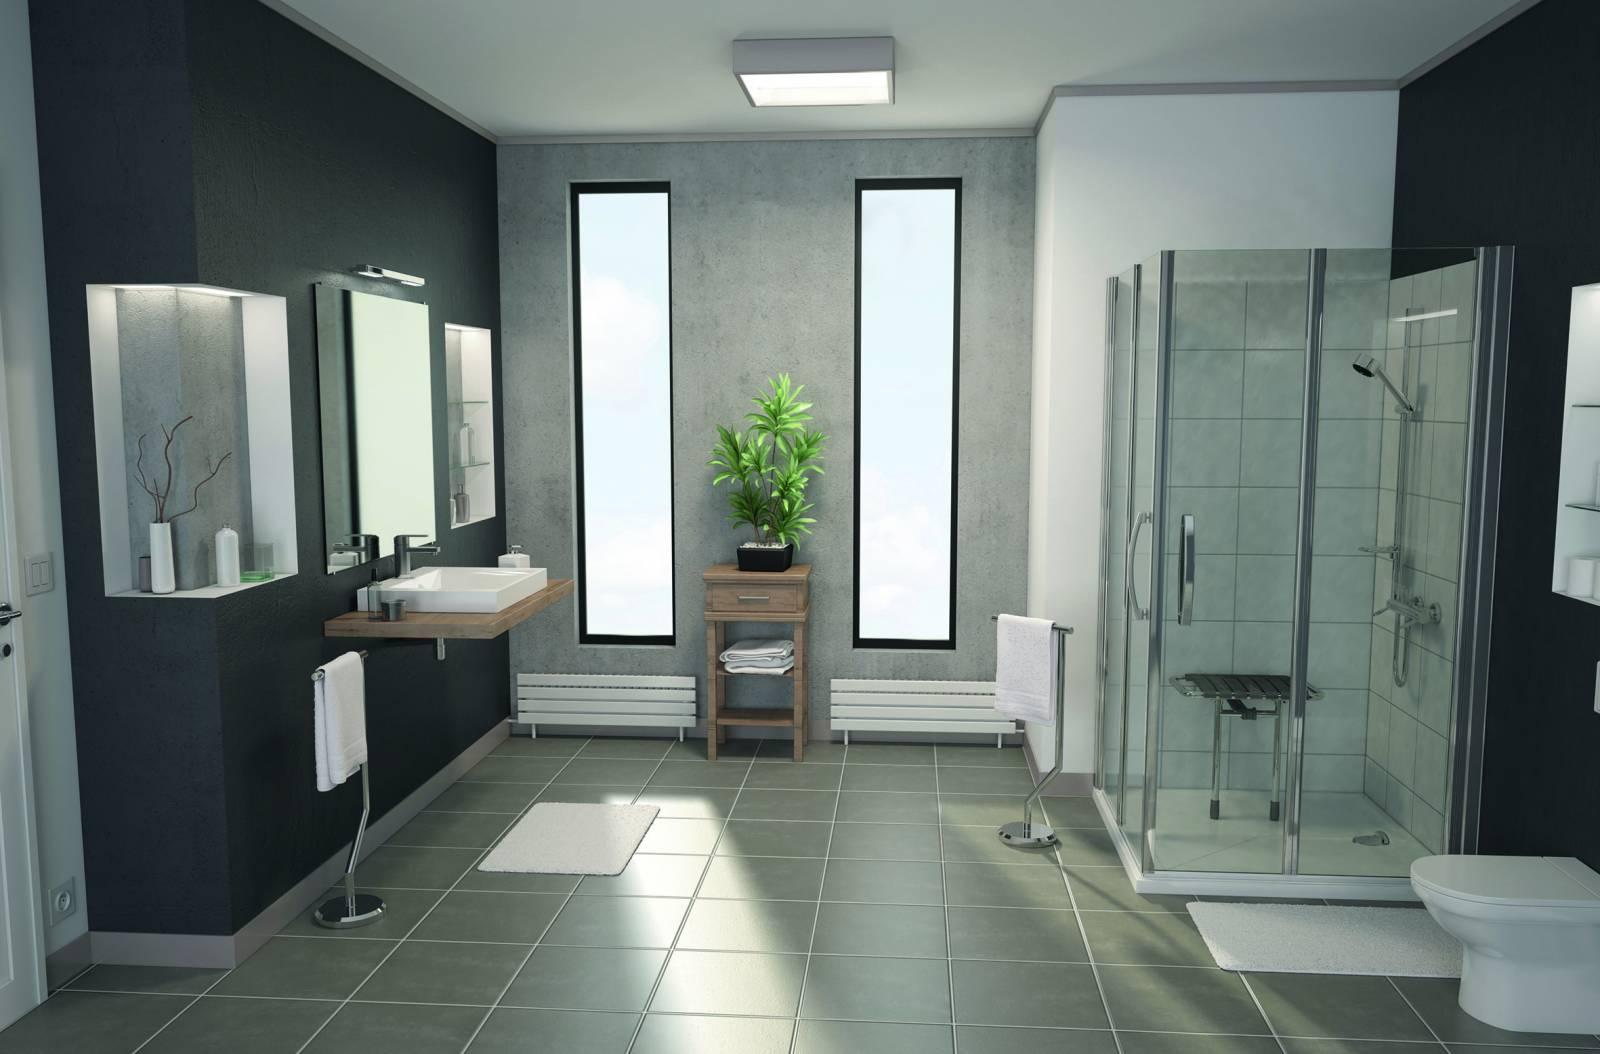 Cabine Salle De Bain Complete quelles aides pour l'aménagement de salle de bain pour